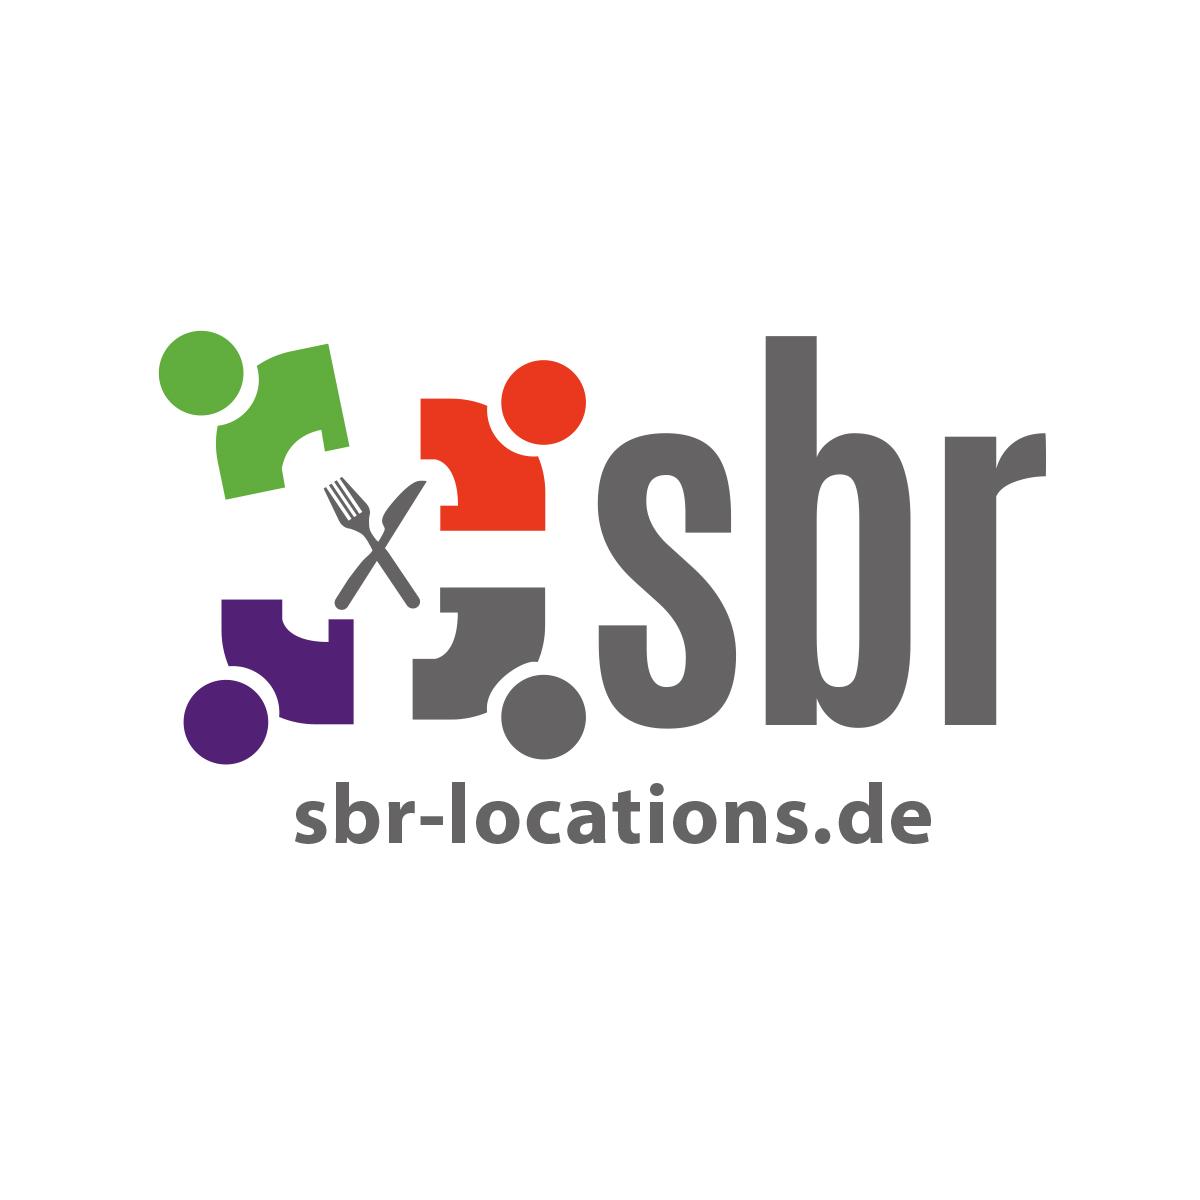 sbr gGmbH - SBR-Locations der gastronomische Fachbereich